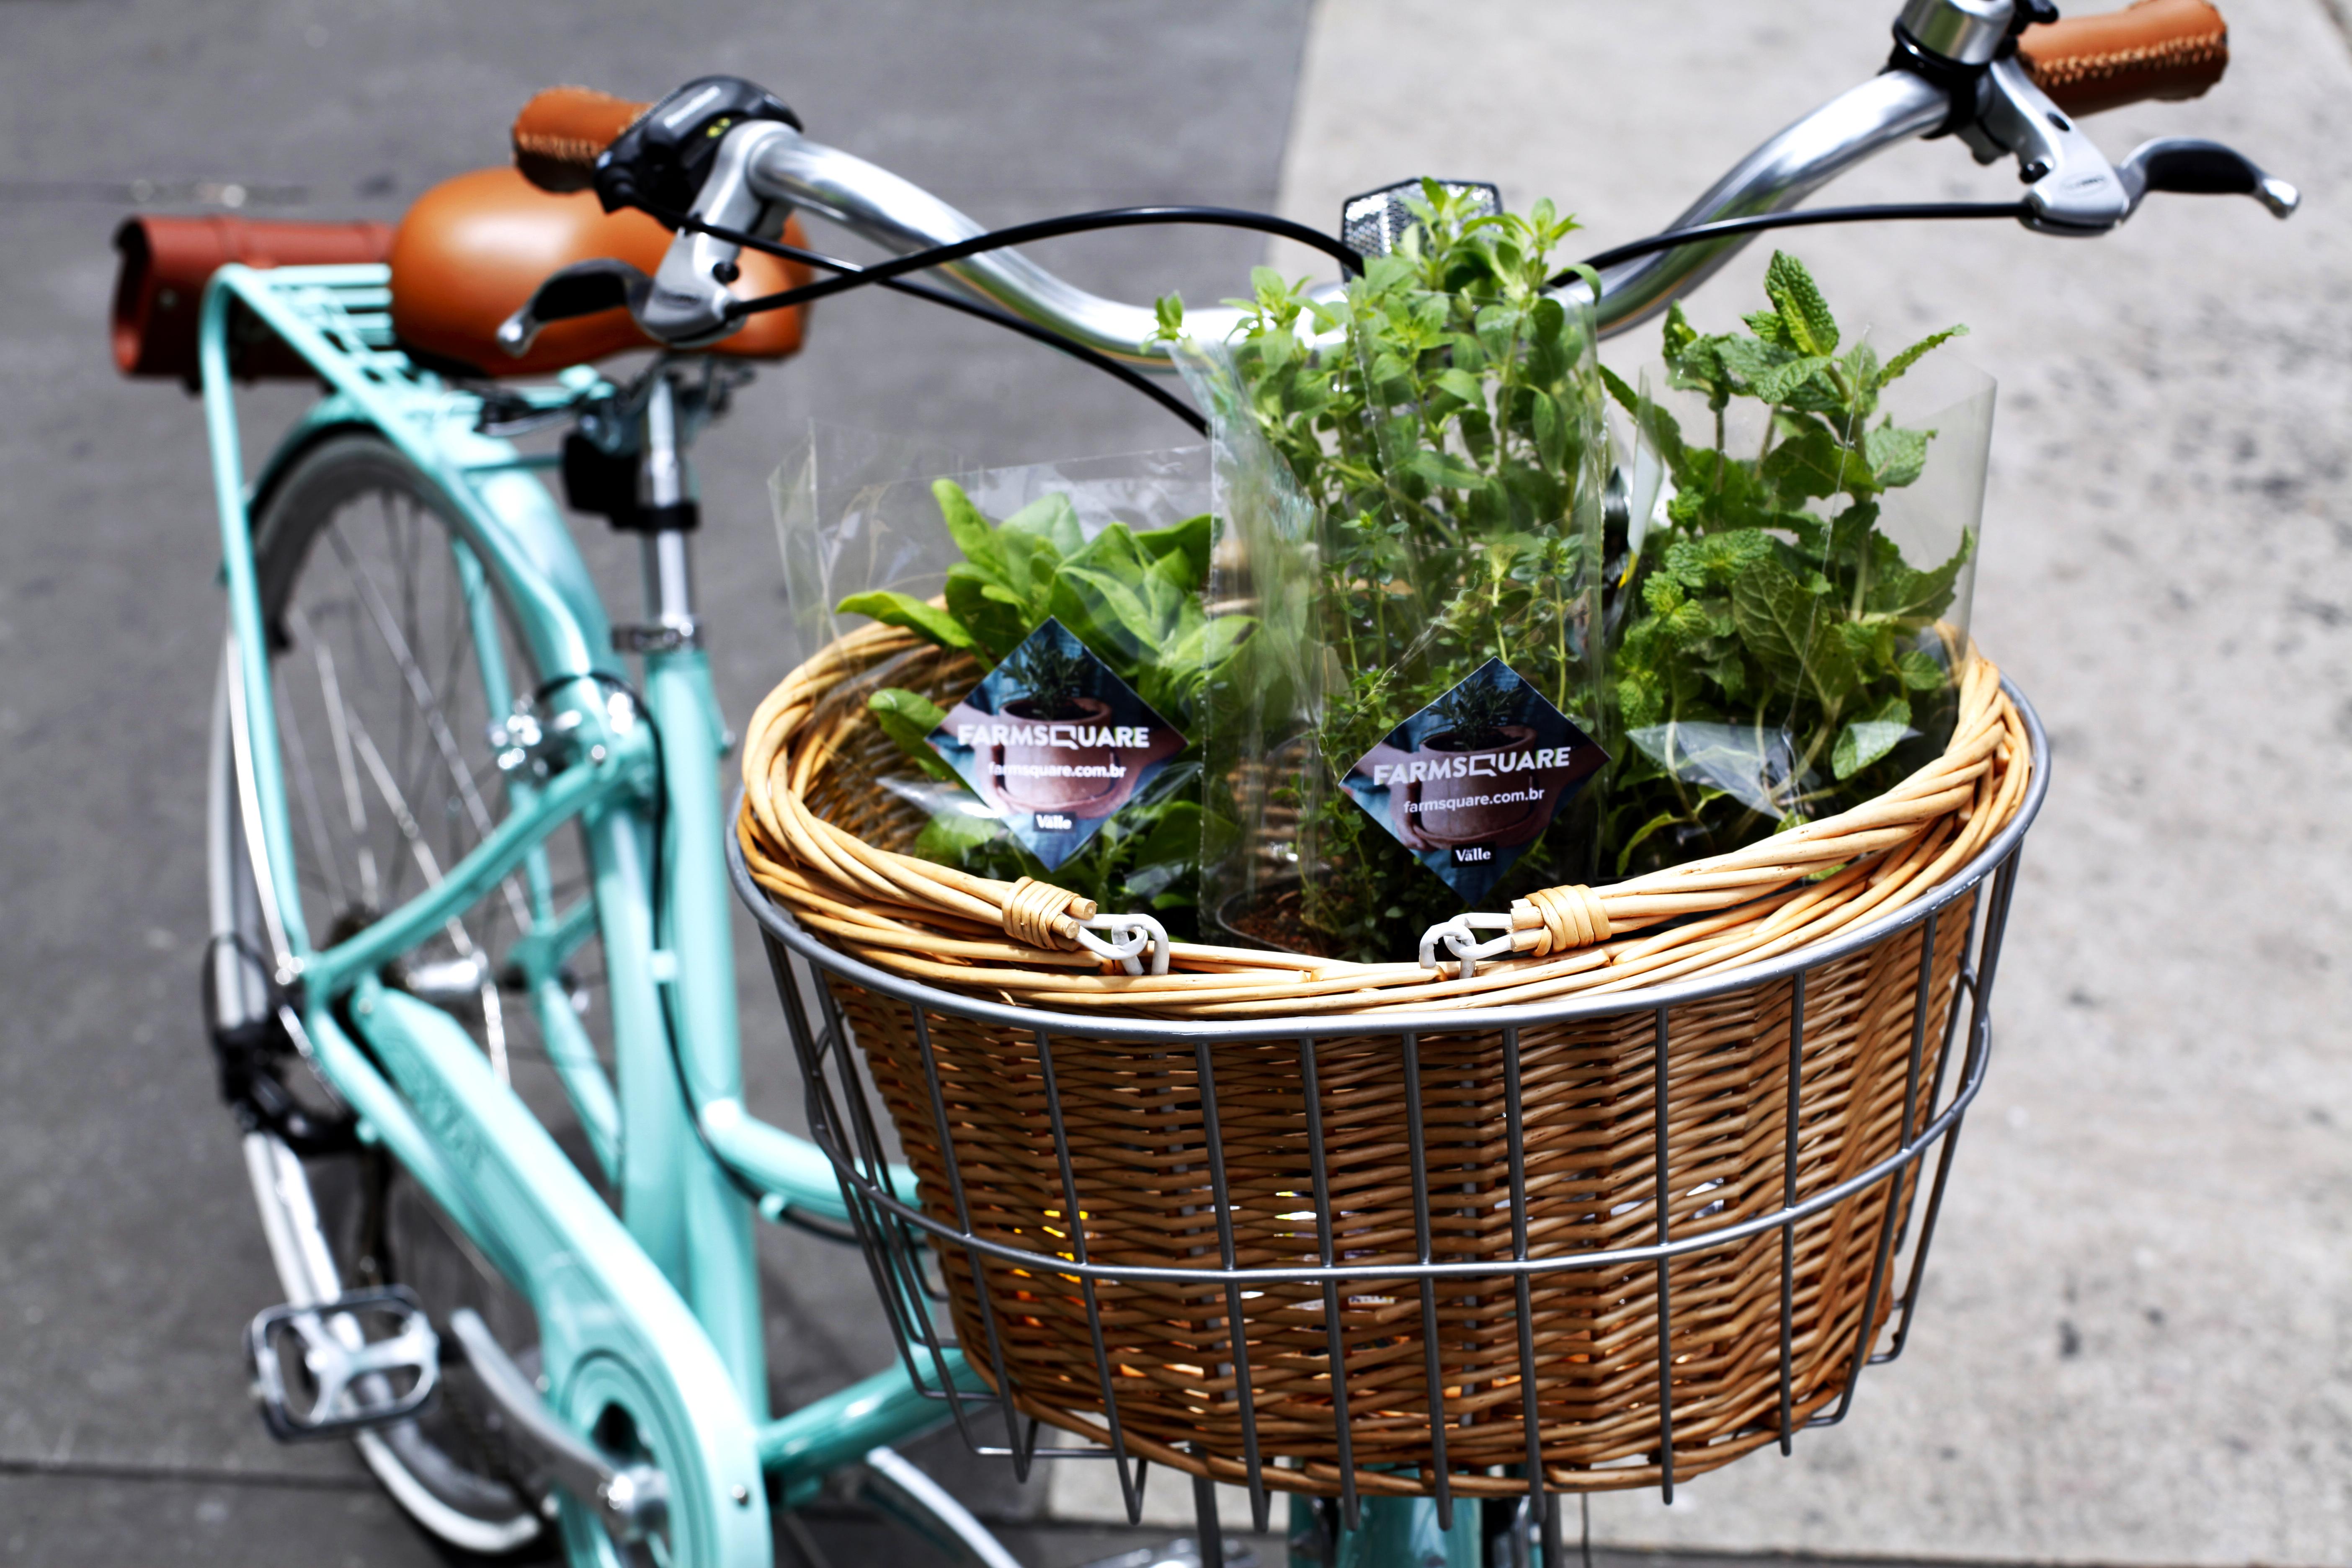 Mudas para fazer uma hora em casa: ação da FarmSquare incentivou o plantio urbano